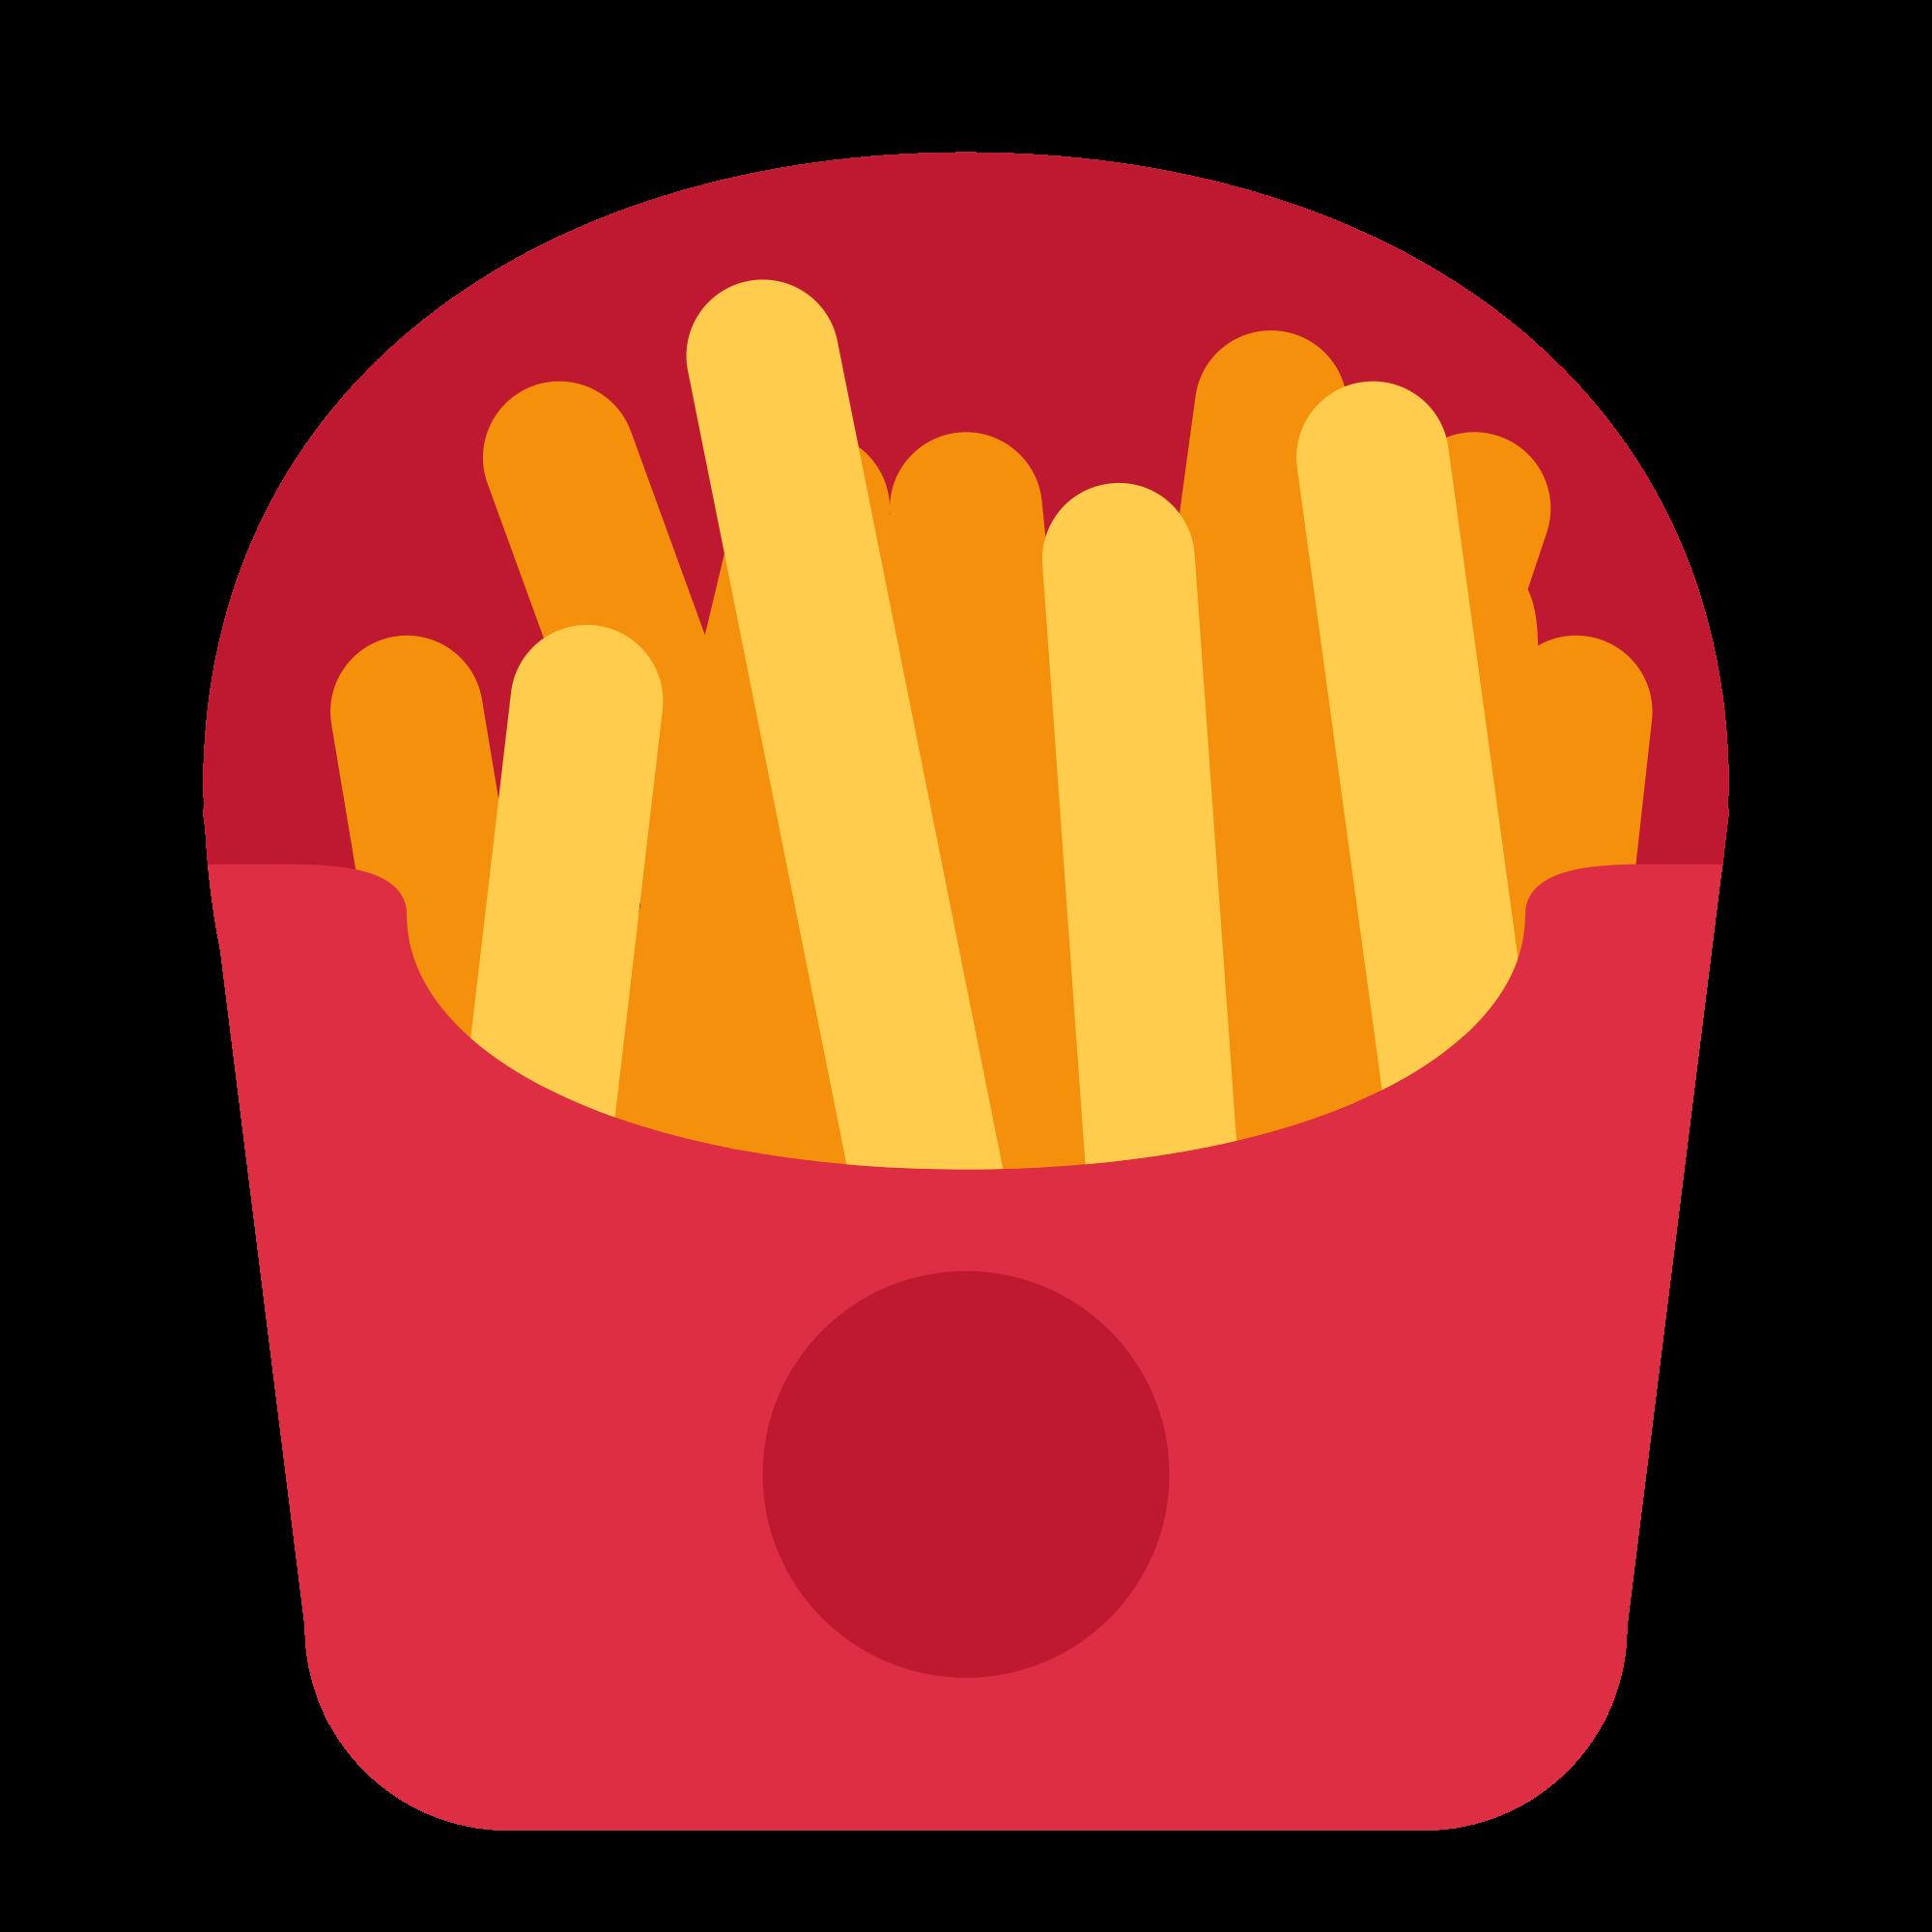 File twemoji f svg. Fries clipart appetizer